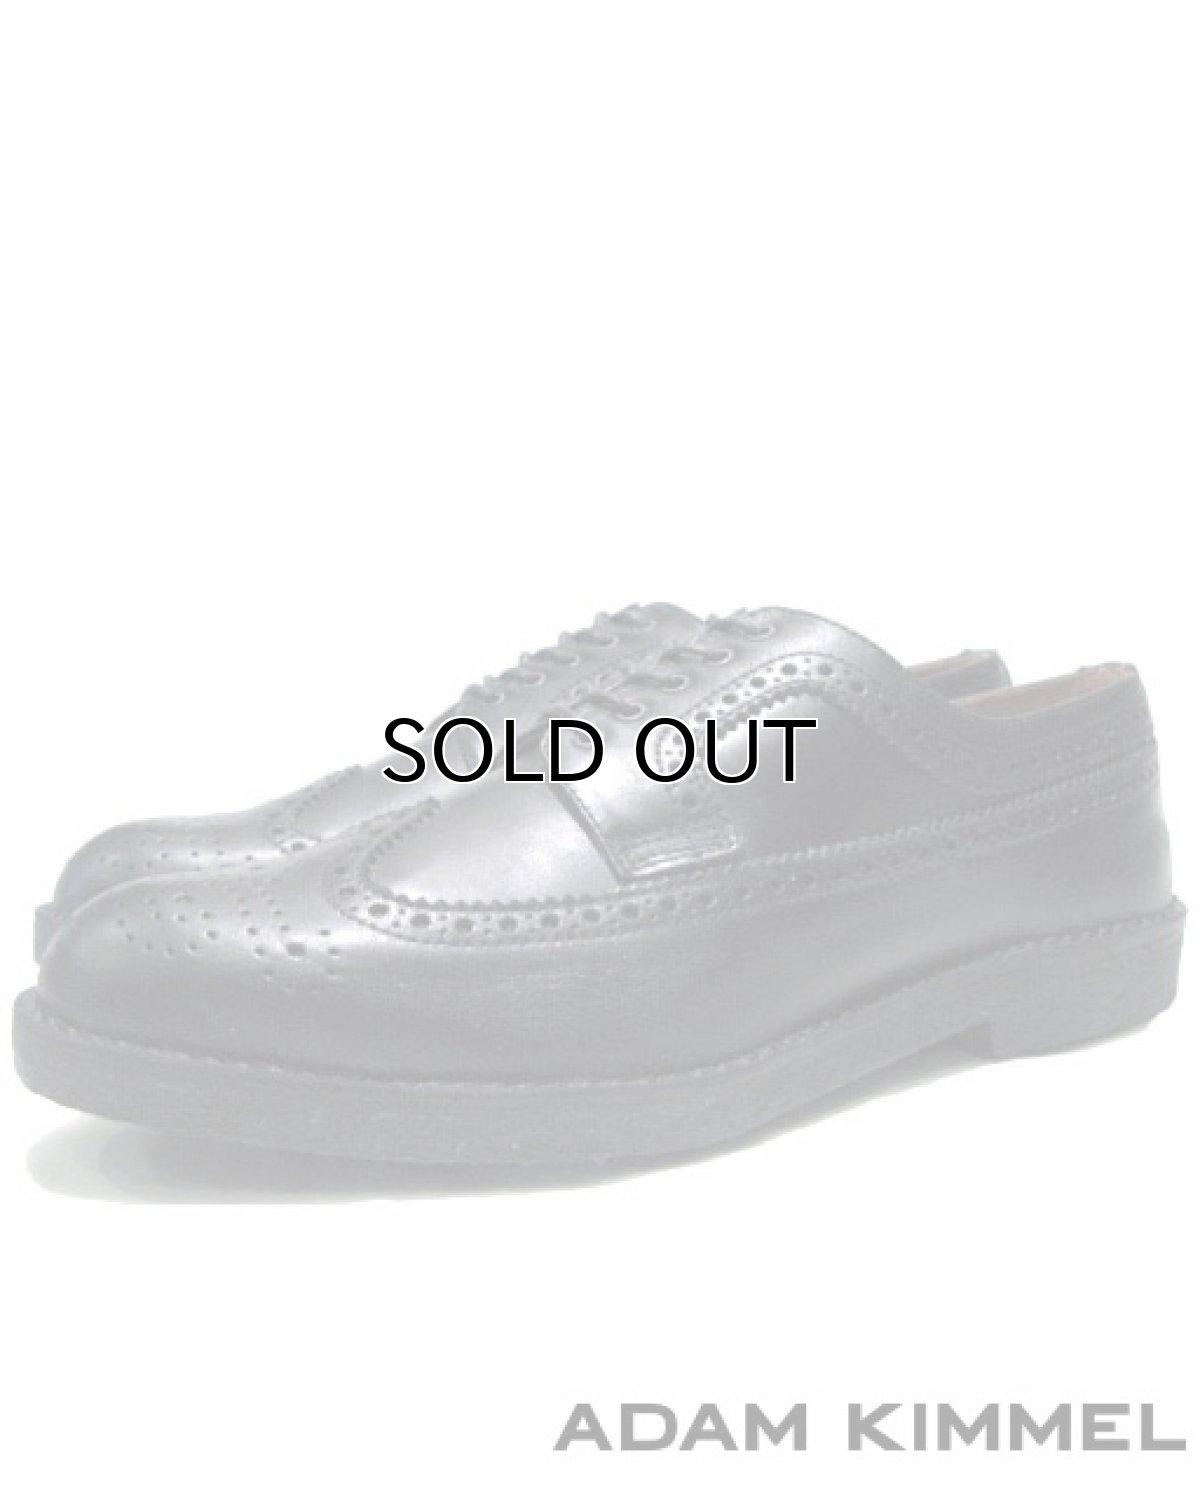 画像1: ADAM KIMMEL 2012-13AW Wing Tip Leather Shoes Gam Sole size 9 (1)